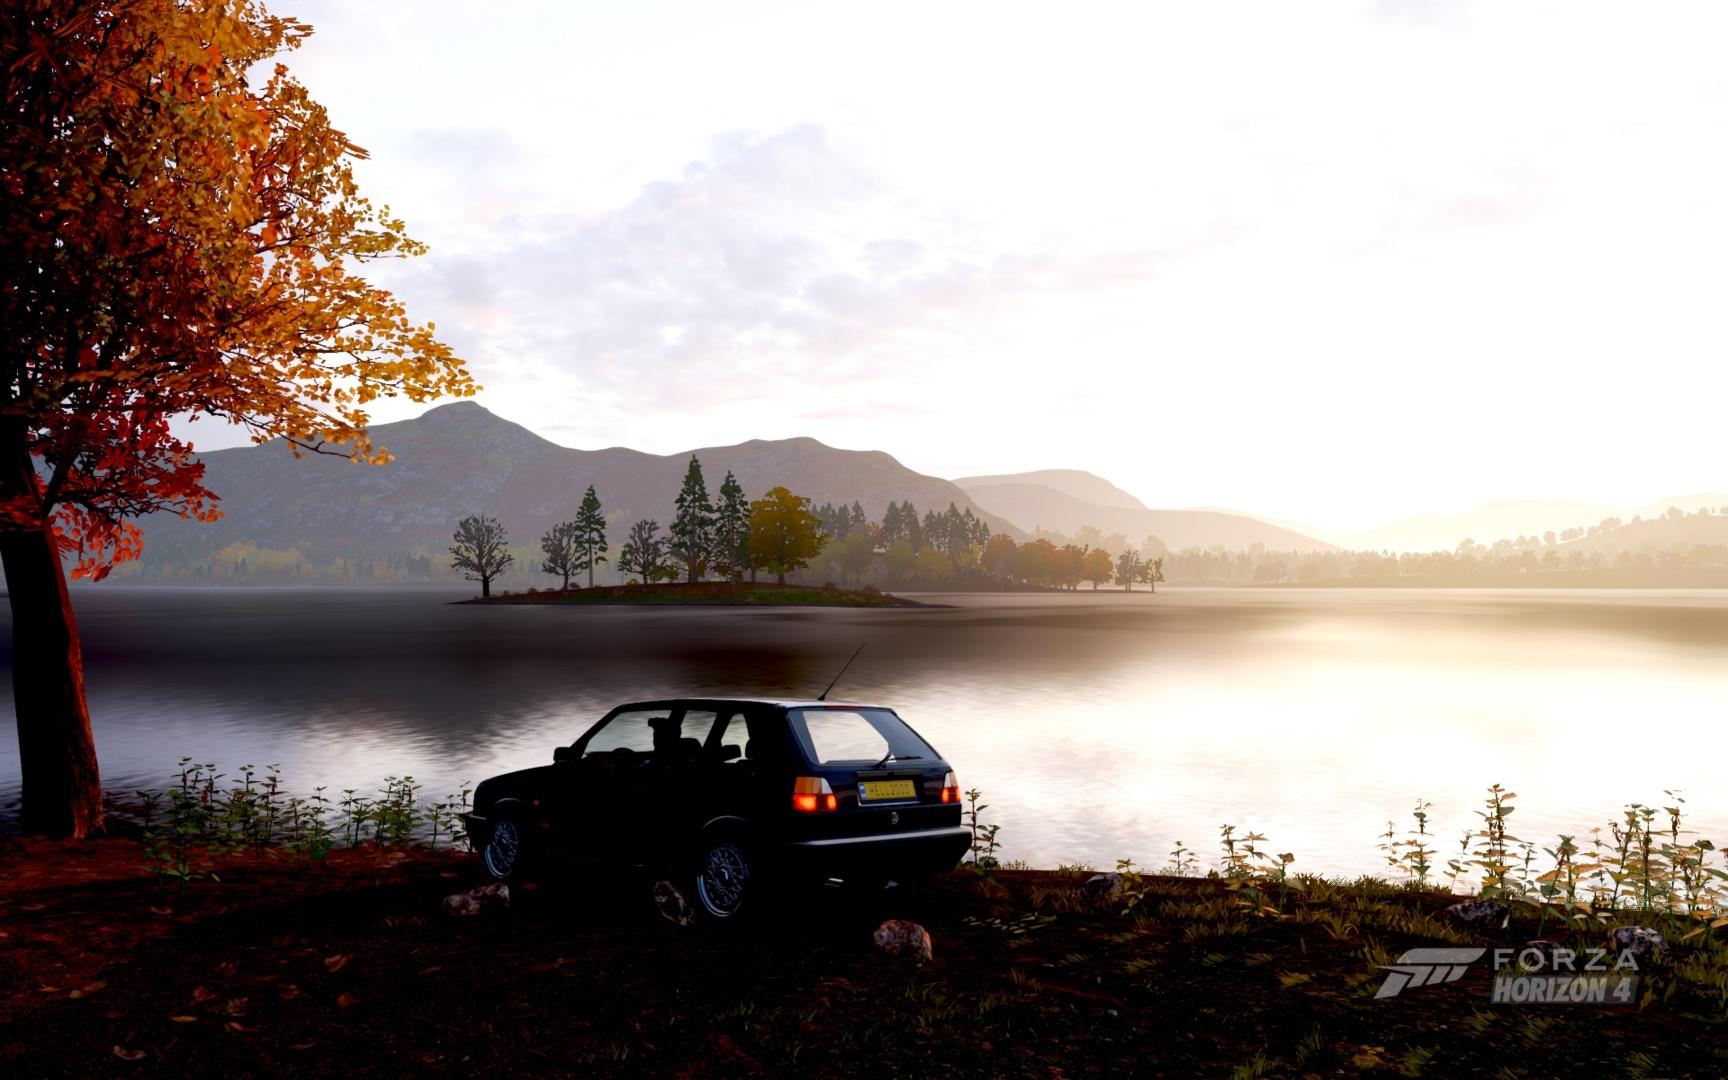 Forza_08.jpg